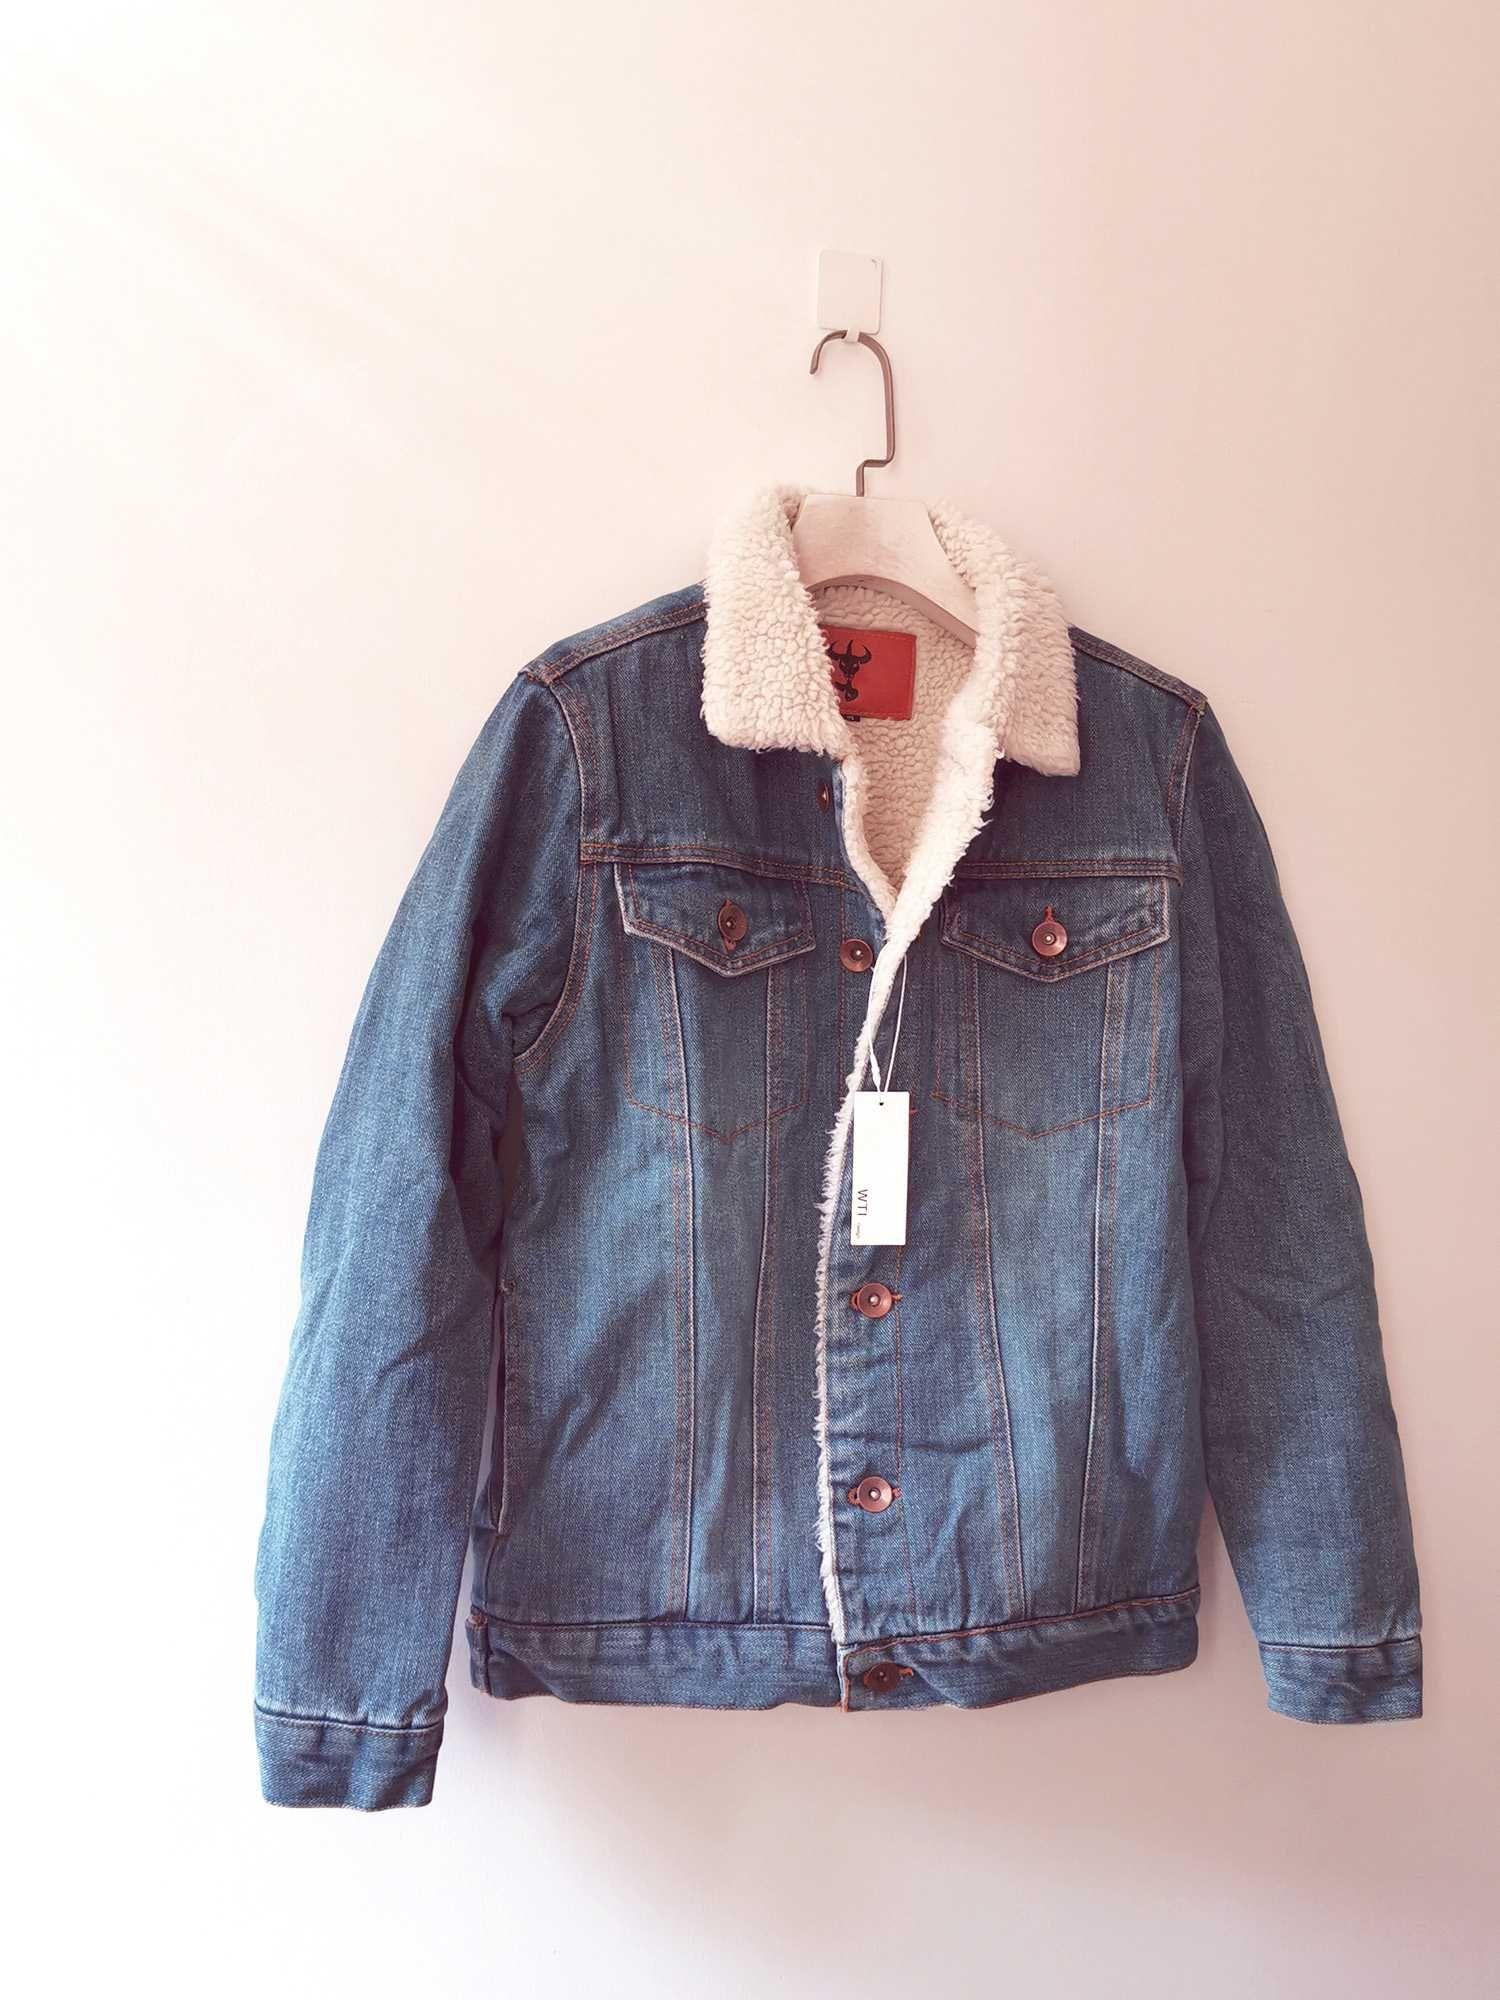 Classic Denim Sherpa Jacket W T I Design Denim Jacket With Fur Lined Denim Jacket Denim Jacket Women [ 2000 x 1500 Pixel ]